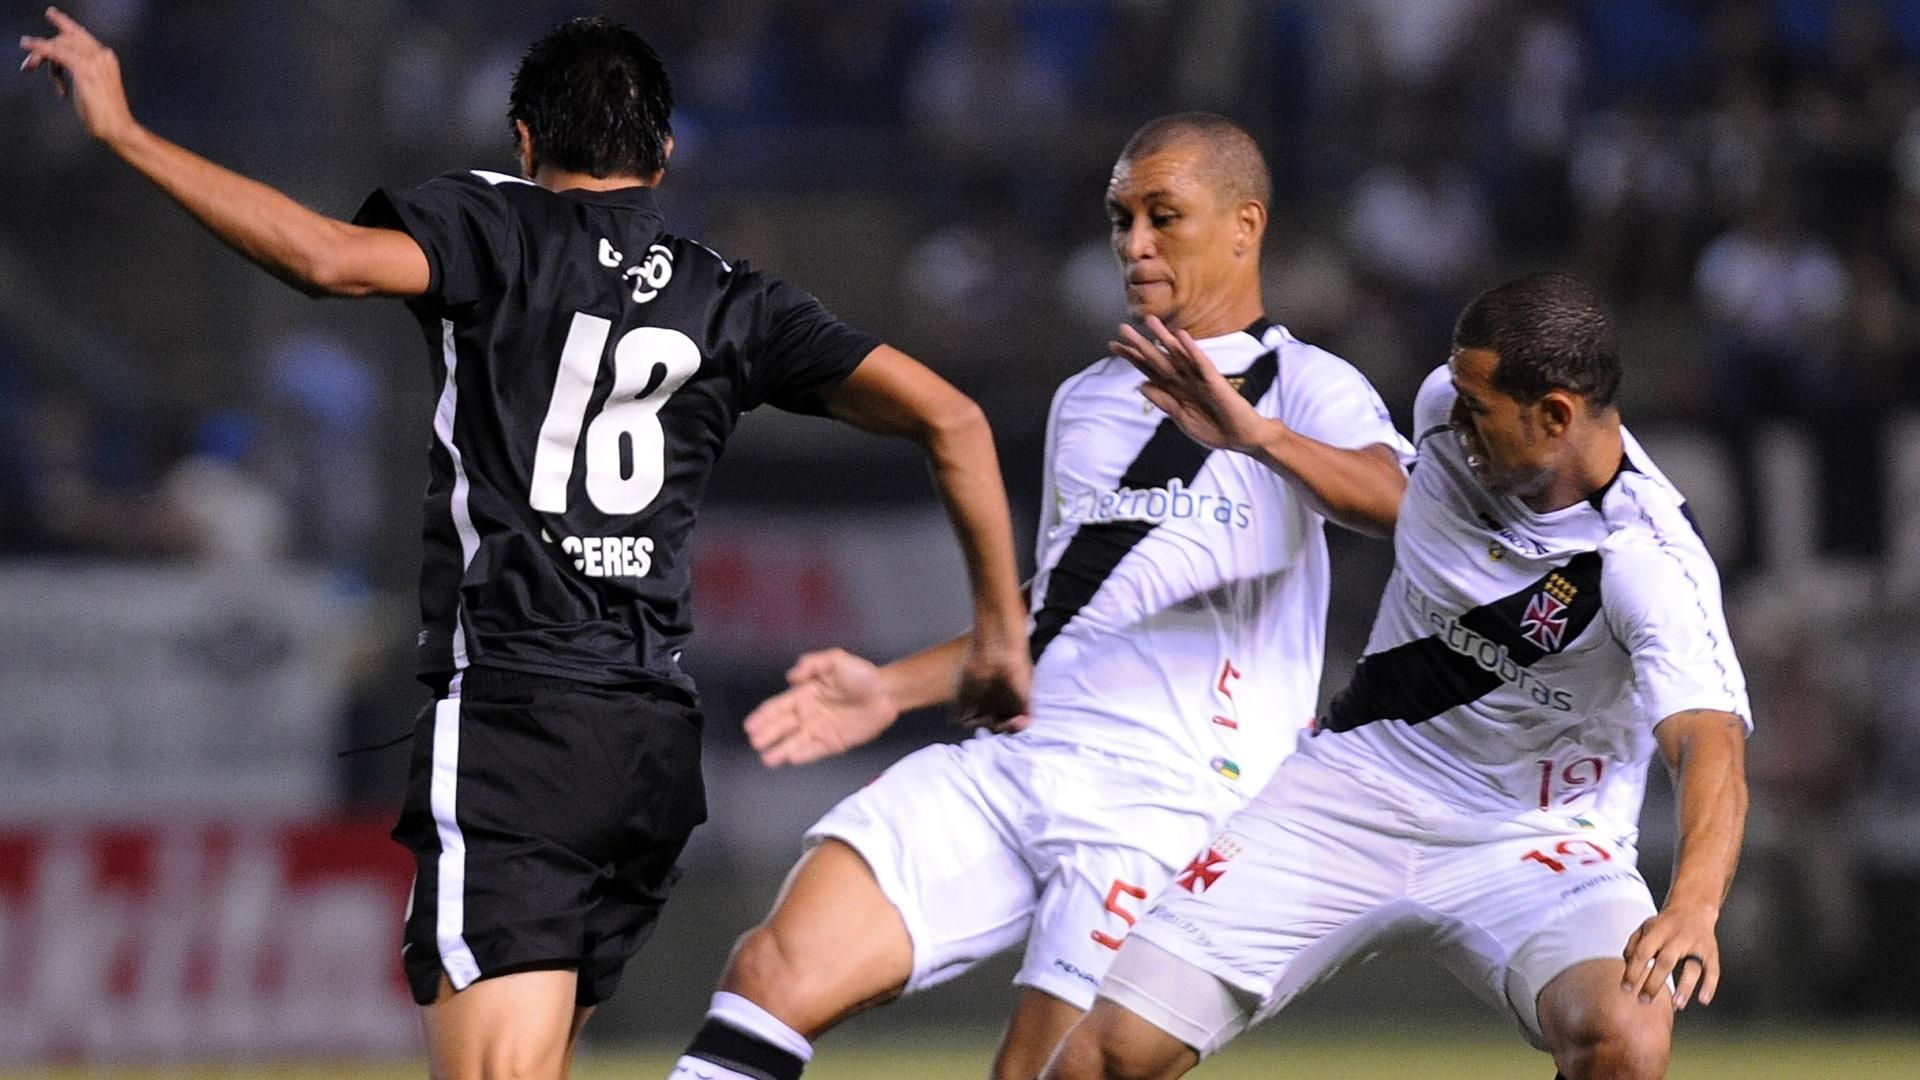 Eduardo Costa e Nilton, do Vasco, tentam roubar a bola do jogador do Libertad